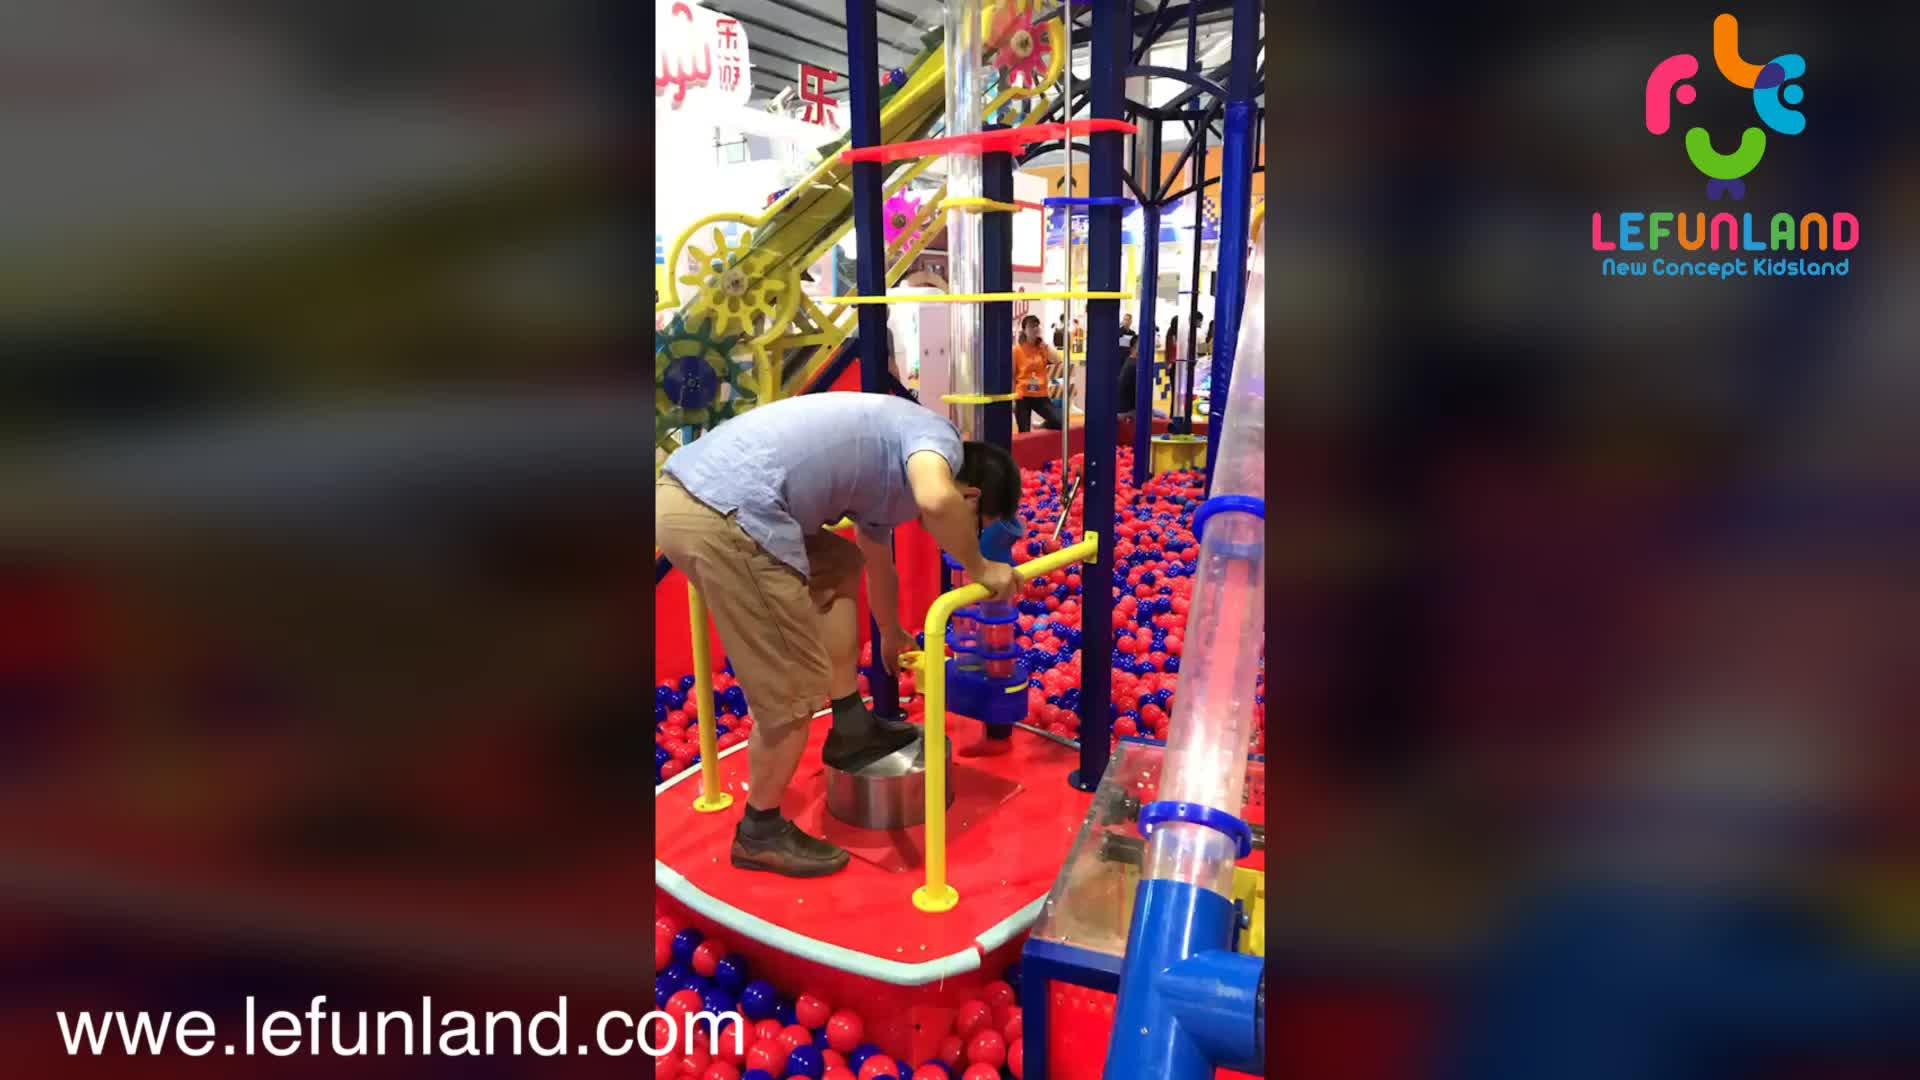 Lefunland énorme boule machine très amusant avec grande piscine à balles enfants d'intérieur playyground équipement